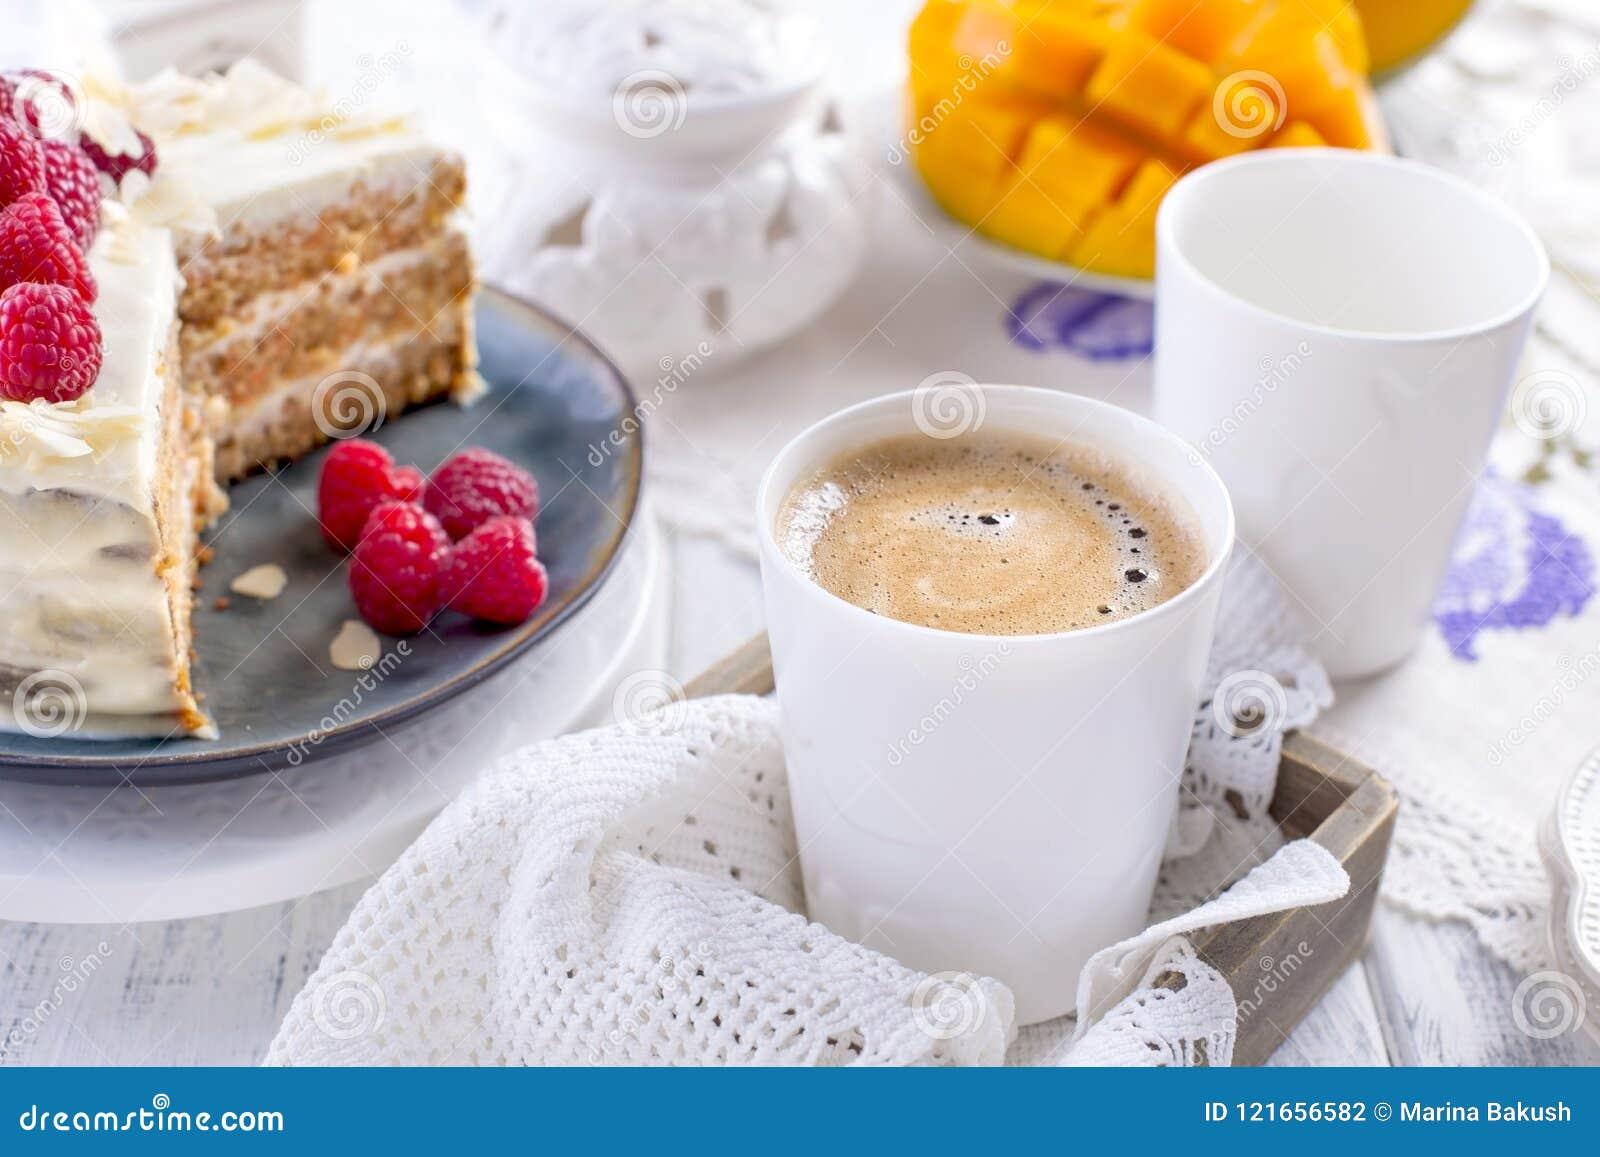 Corte o bolo com creme branco, para o fruto da manga do café da manhã A O fundo branco, toalha de mesa com laço, uma xícara de ca